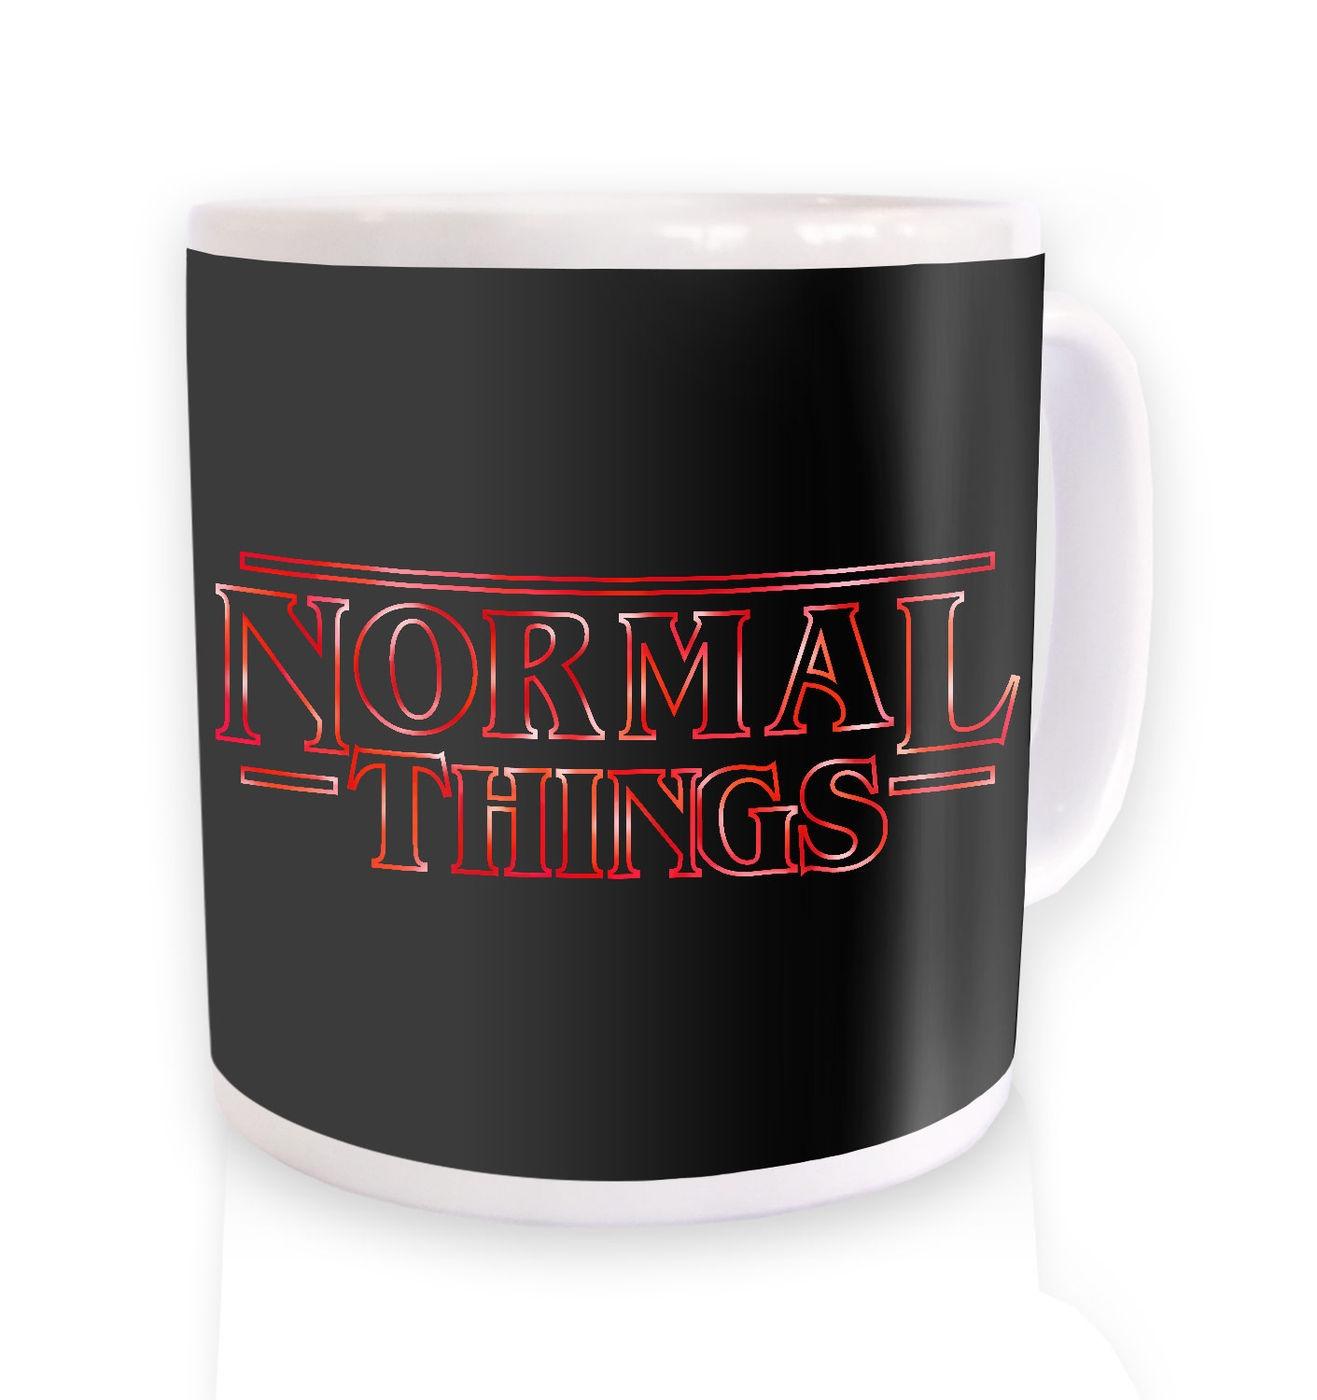 Normal Things mug by Something Geeky